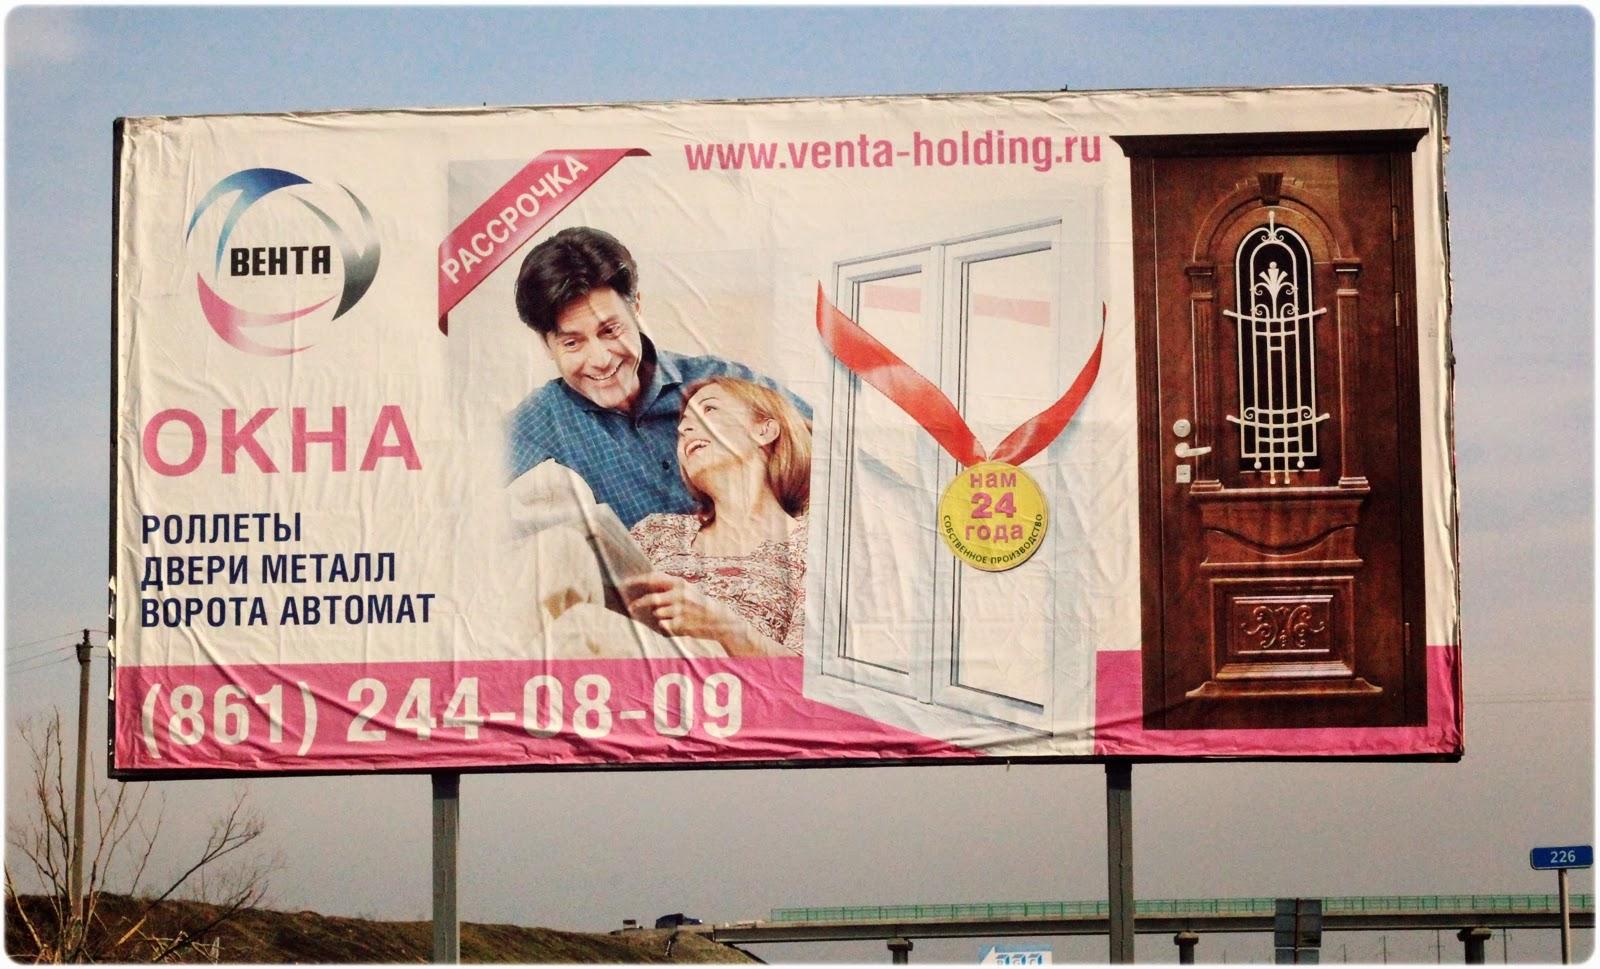 Секс в наружной рекламе украины